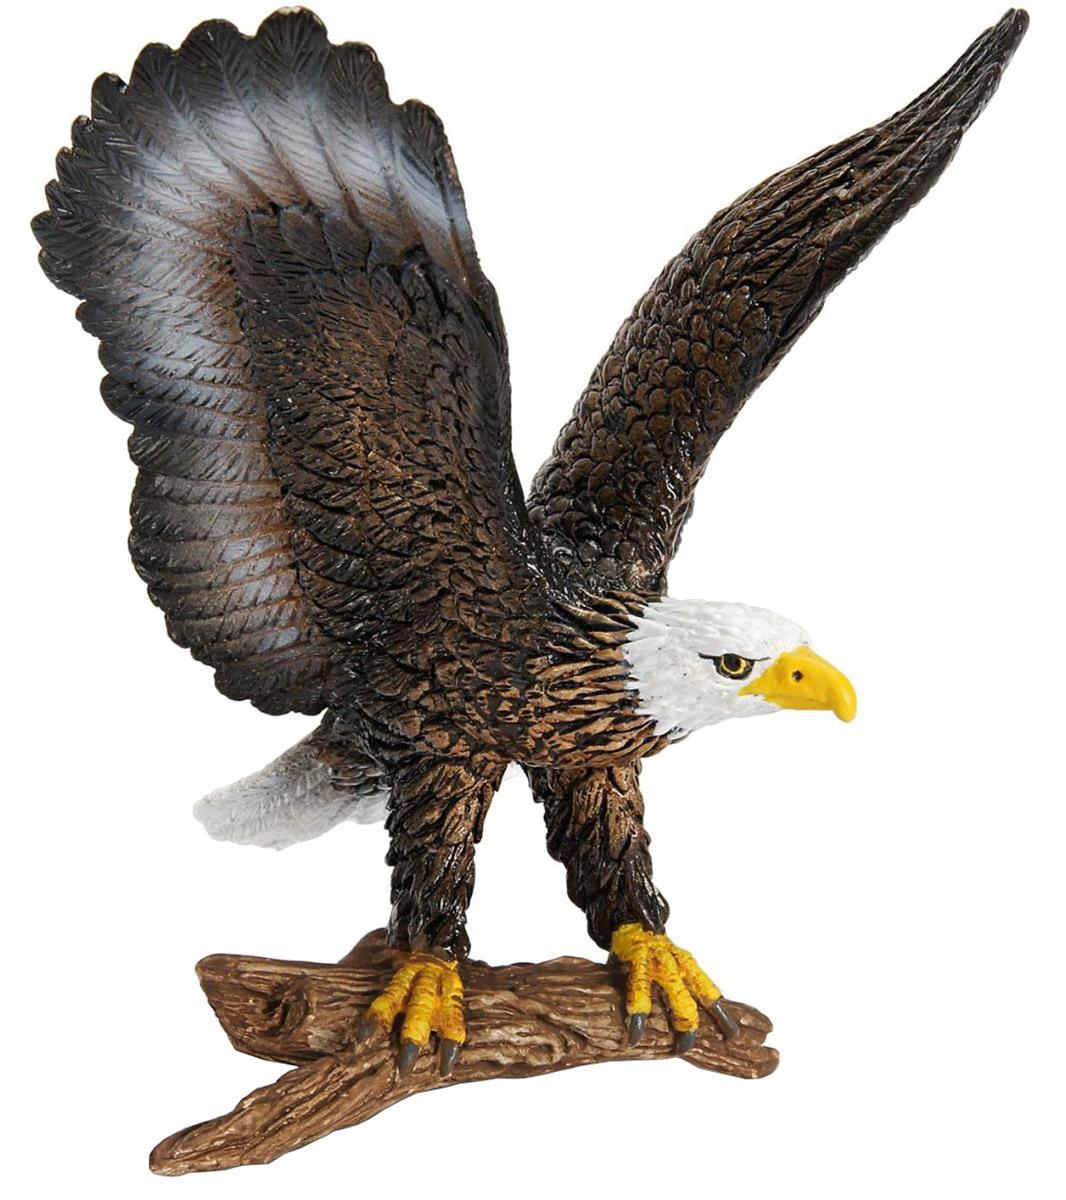 Schleich Фигурка Белоголовый орлан14634Белоголовый орлан от компании Schleich - реалистичная фигурка самой популярной птицы в Америке. Орлан крупная хищная птица, символ США. Белоголовый орлан с красивым коричневым оперением, сильными яркими когтями и цепким клювом, расправив свои мощные крылья, стремится слететь с дерева в поисках добычи. Фигурки Schleich раскрашиваются вручную с особенной детальной прорисовкой. Фигурки данной серии познакомят детей с необычными птицами и млекопитающими разных стран мира. Серия представляет птиц и животных, которых ребенок может редко встретить в реальной жизни.